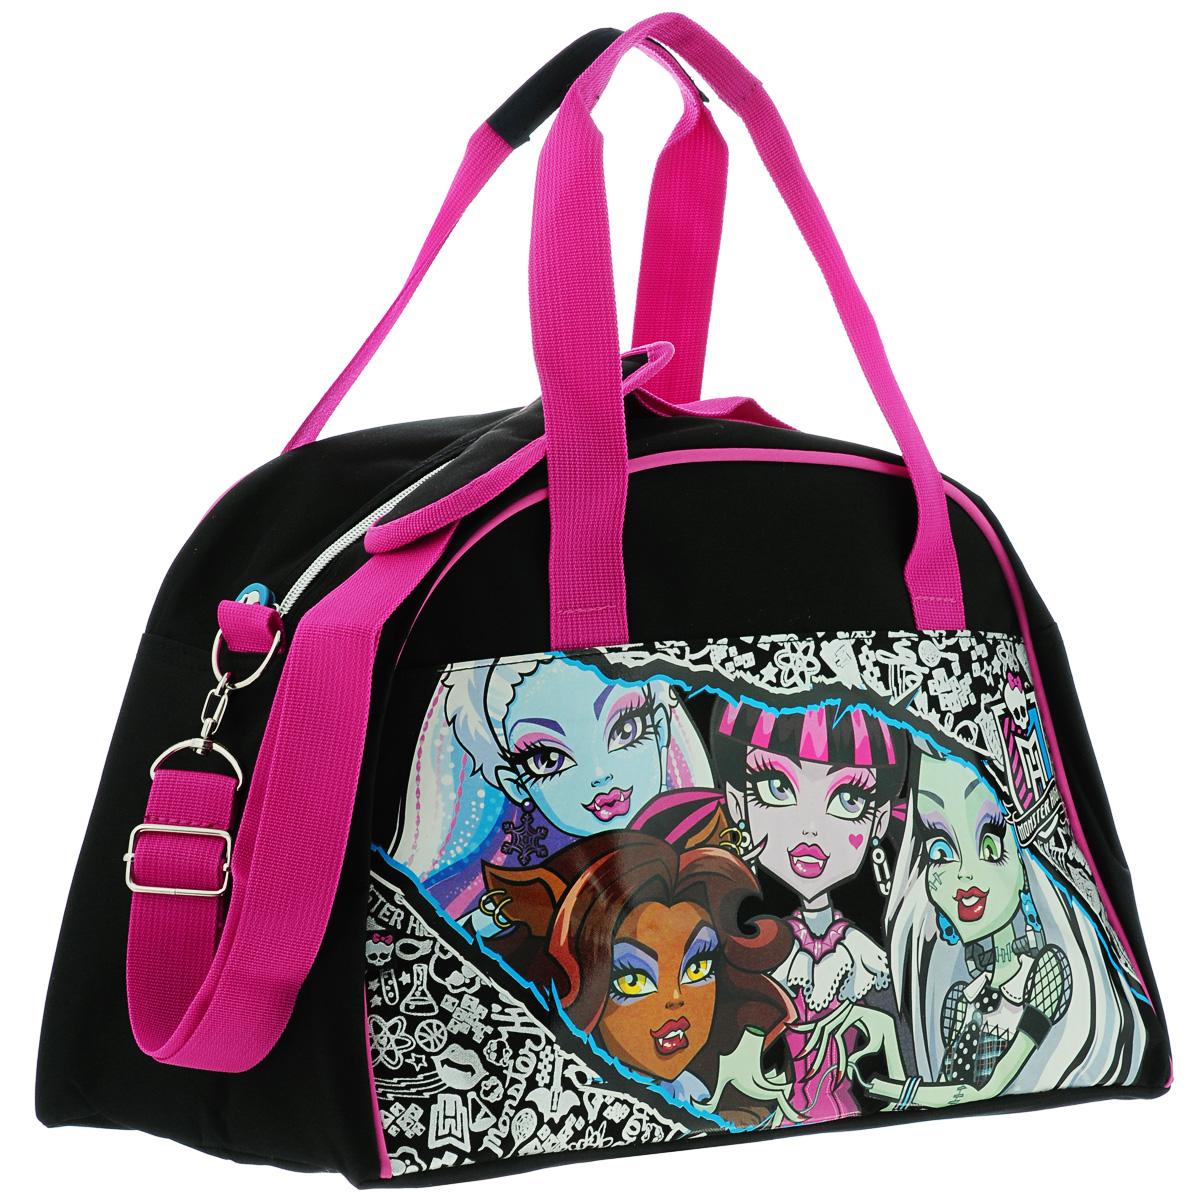 Детская спортивная сумка Monster High придется по вкусу любой активной девочке, посещающей спортзал или спортивные секции.Сумка изготовлена из высококачественного износостойкого полиэстера и оформлена оригинальным глянцевым изображением персонажей мультсериала Monster High. Сумка состоит из одного вместительного отделения, закрывается на застежку-молнию. Внутри располагается небольшой пришивной карман на застежке-молнии.  Сумка снабжена удобными ручками для переноски, а также регулирующимся по длине съемным плечевым ремнем с мягкой накладкой. Сумка очень просторная, в ней без труда поместится спортивная форма или сменная одежда.Спортивная сумка - незаменимый аксессуар для юного спортсмена, который сочетает в себе практичность и оригинальный дизайн. Удобная и красочная сумка сделает посещение спортивных секций еще более приятным занятием. Порадуйте свою малышку таким замечательным подарком!